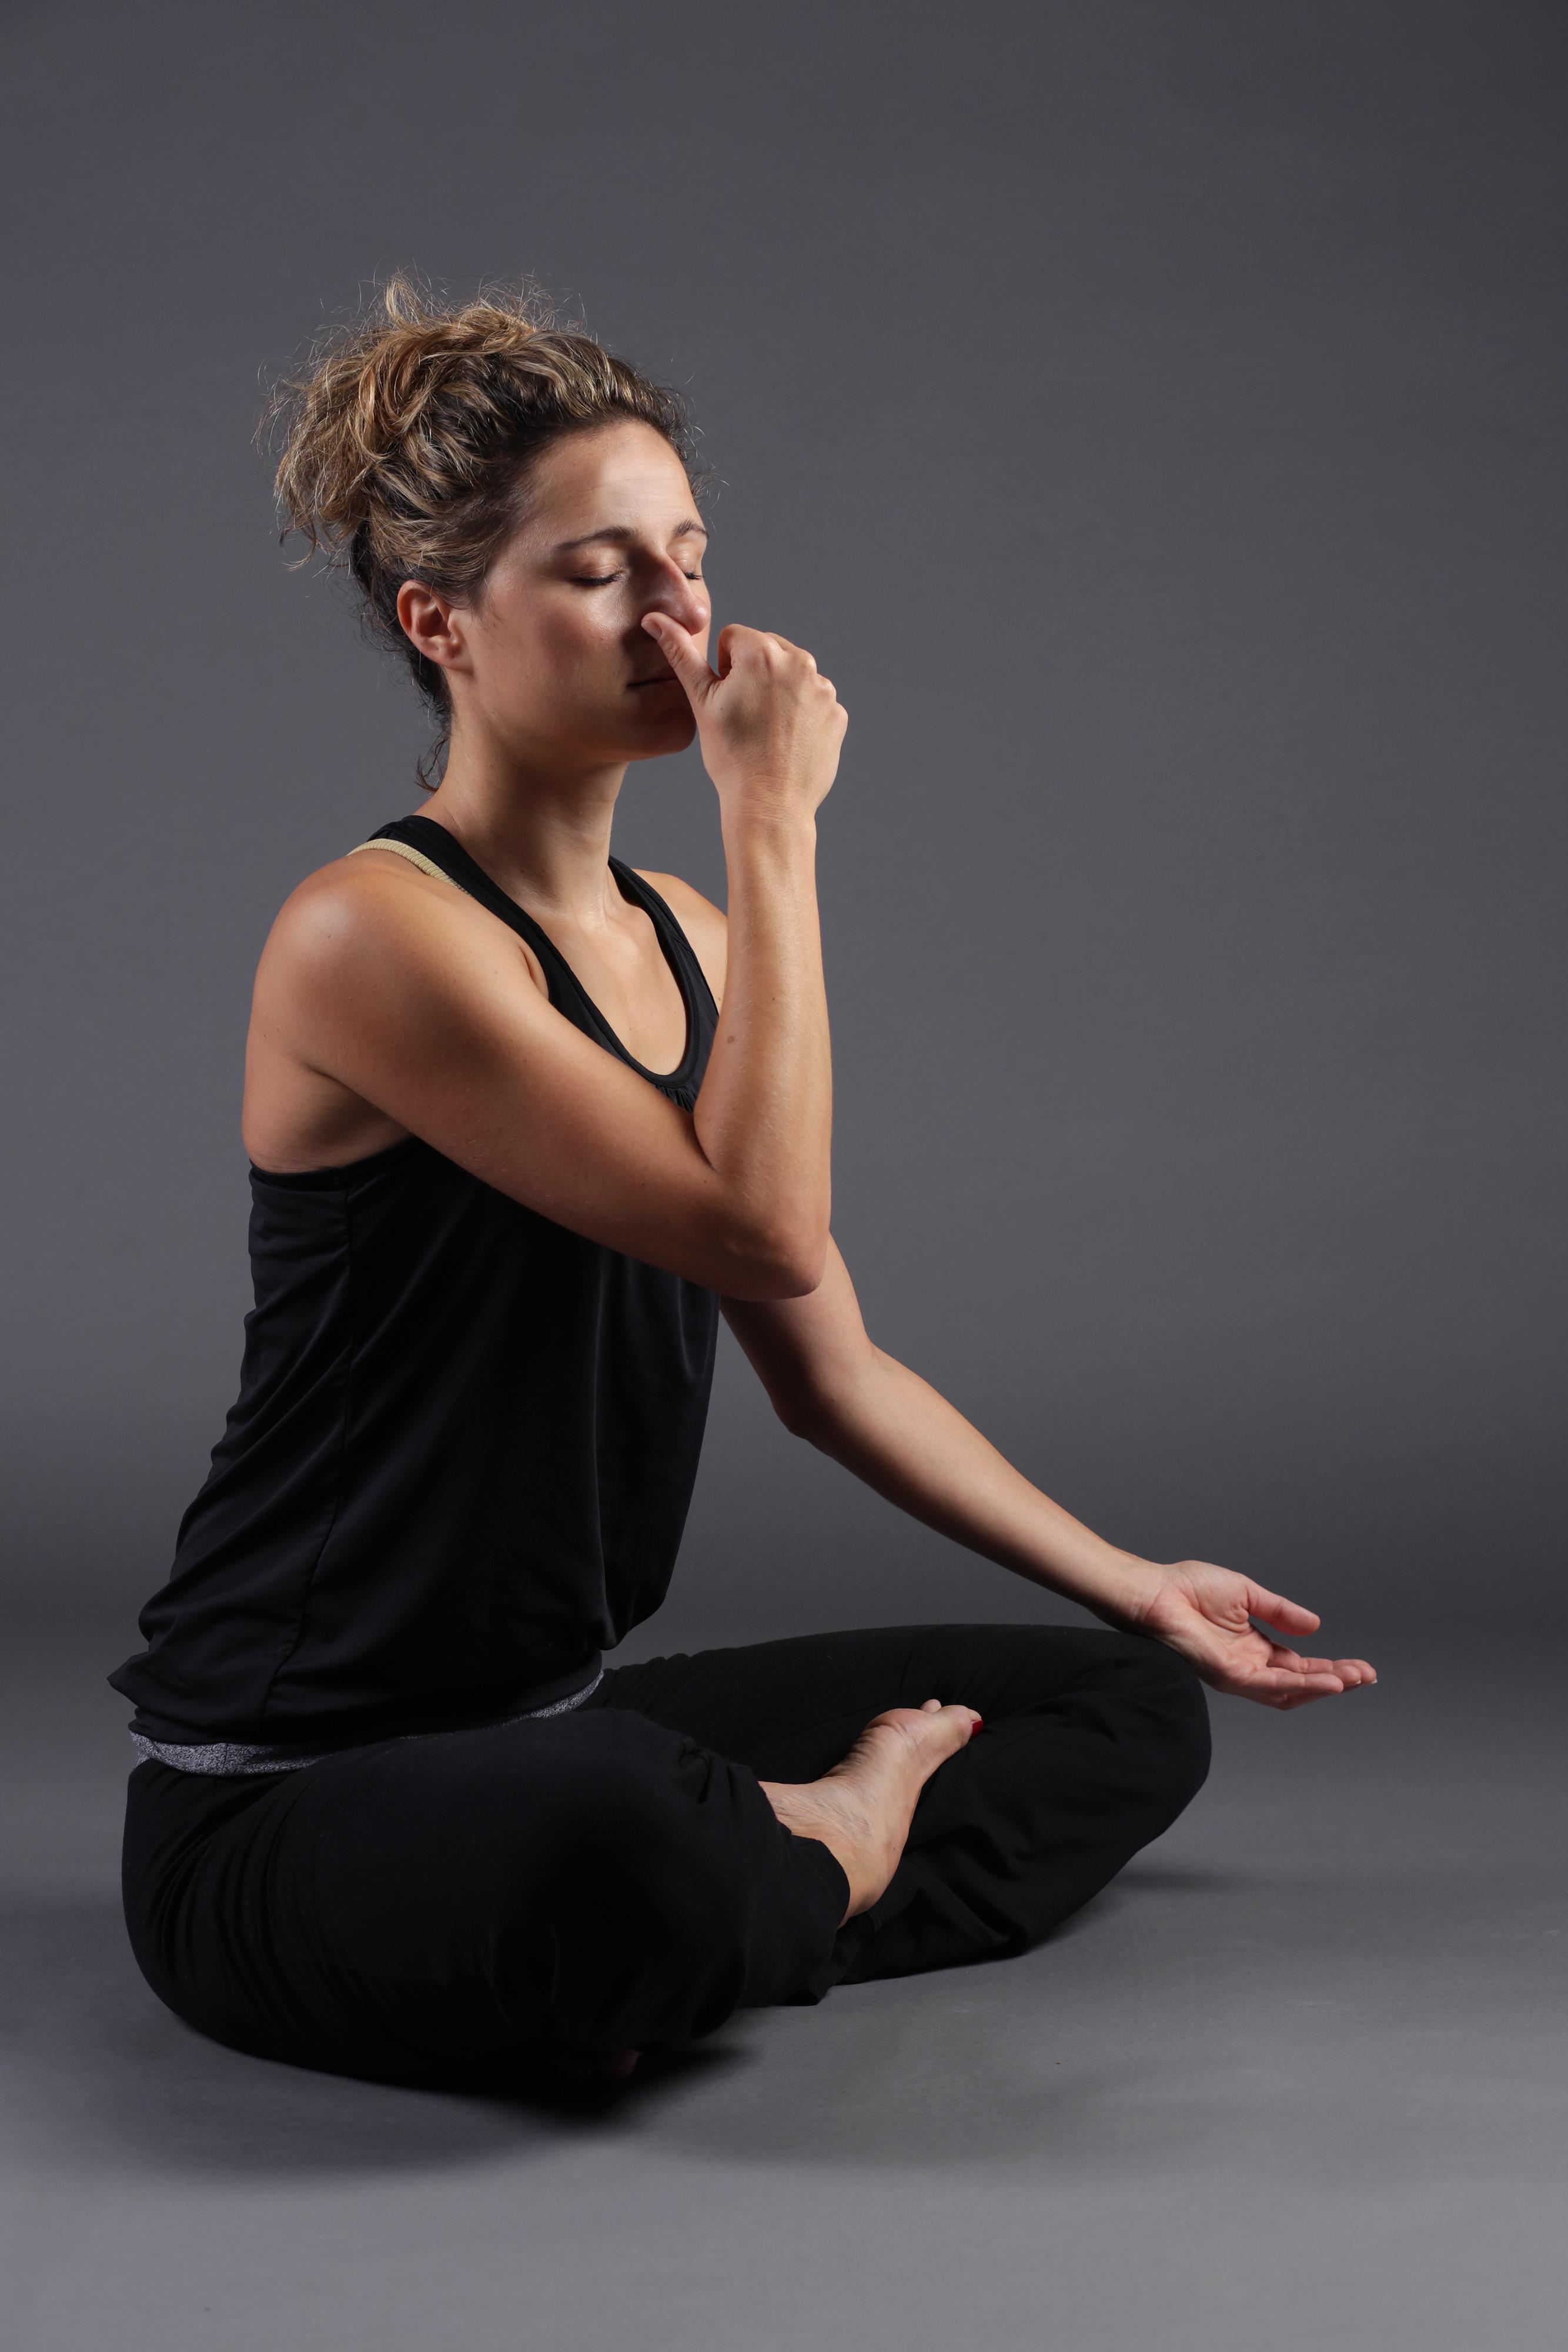 Zagreb, 150914. Prof. kineziologije Mirjana Sostaric iz Medical Yoga Centra prikazala je 10 vjezbi za pravilno disanje, istezanje i opustanje. Na fotografiji: Uvodna fotografija yoga disanje. Foto: Berislava Picek / CROPIX